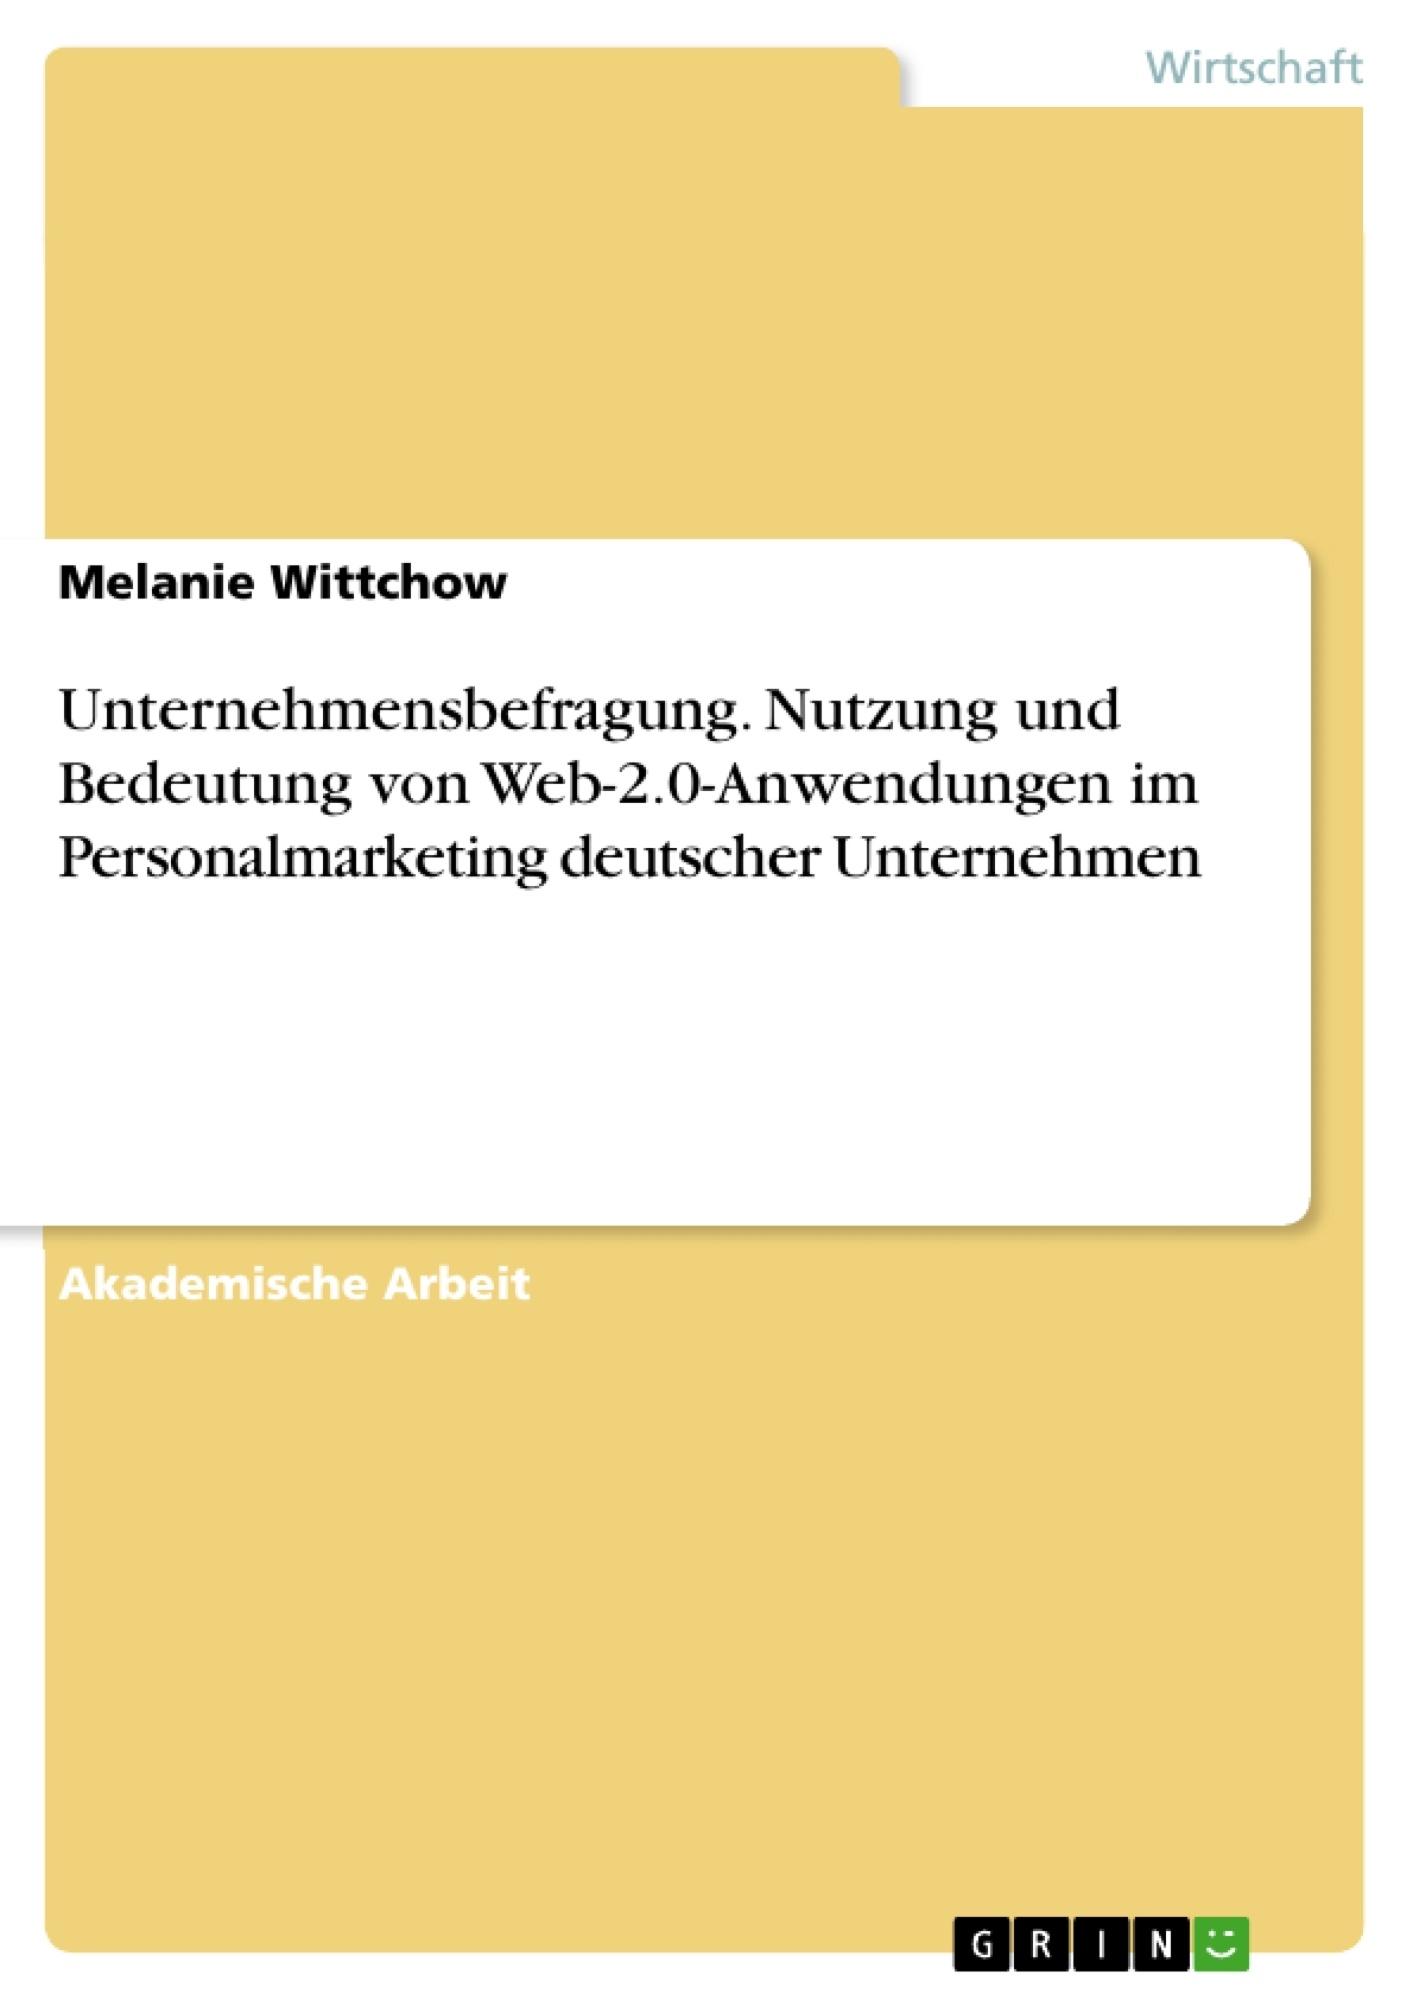 Titel: Unternehmensbefragung. Nutzung und Bedeutung von Web-2.0-Anwendungen im Personalmarketing deutscher Unternehmen